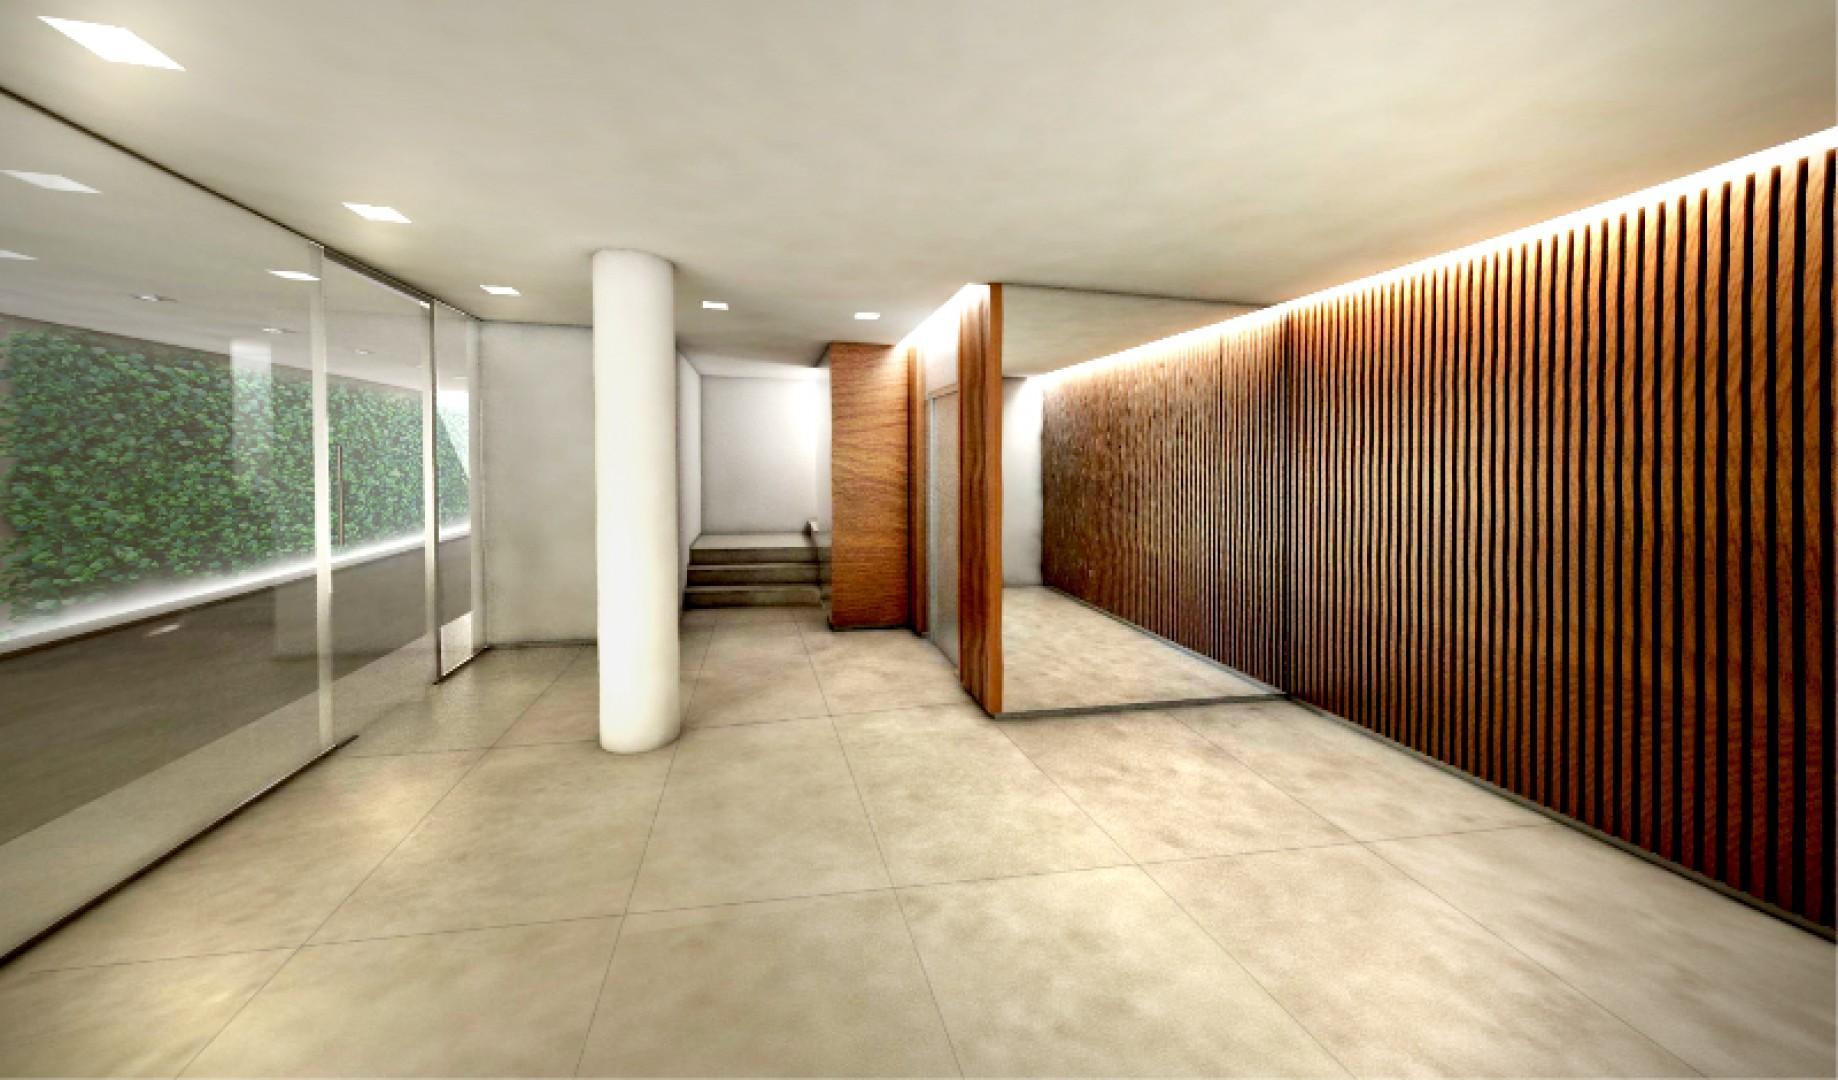 Departamento en el emprendimiento Concordia 3655